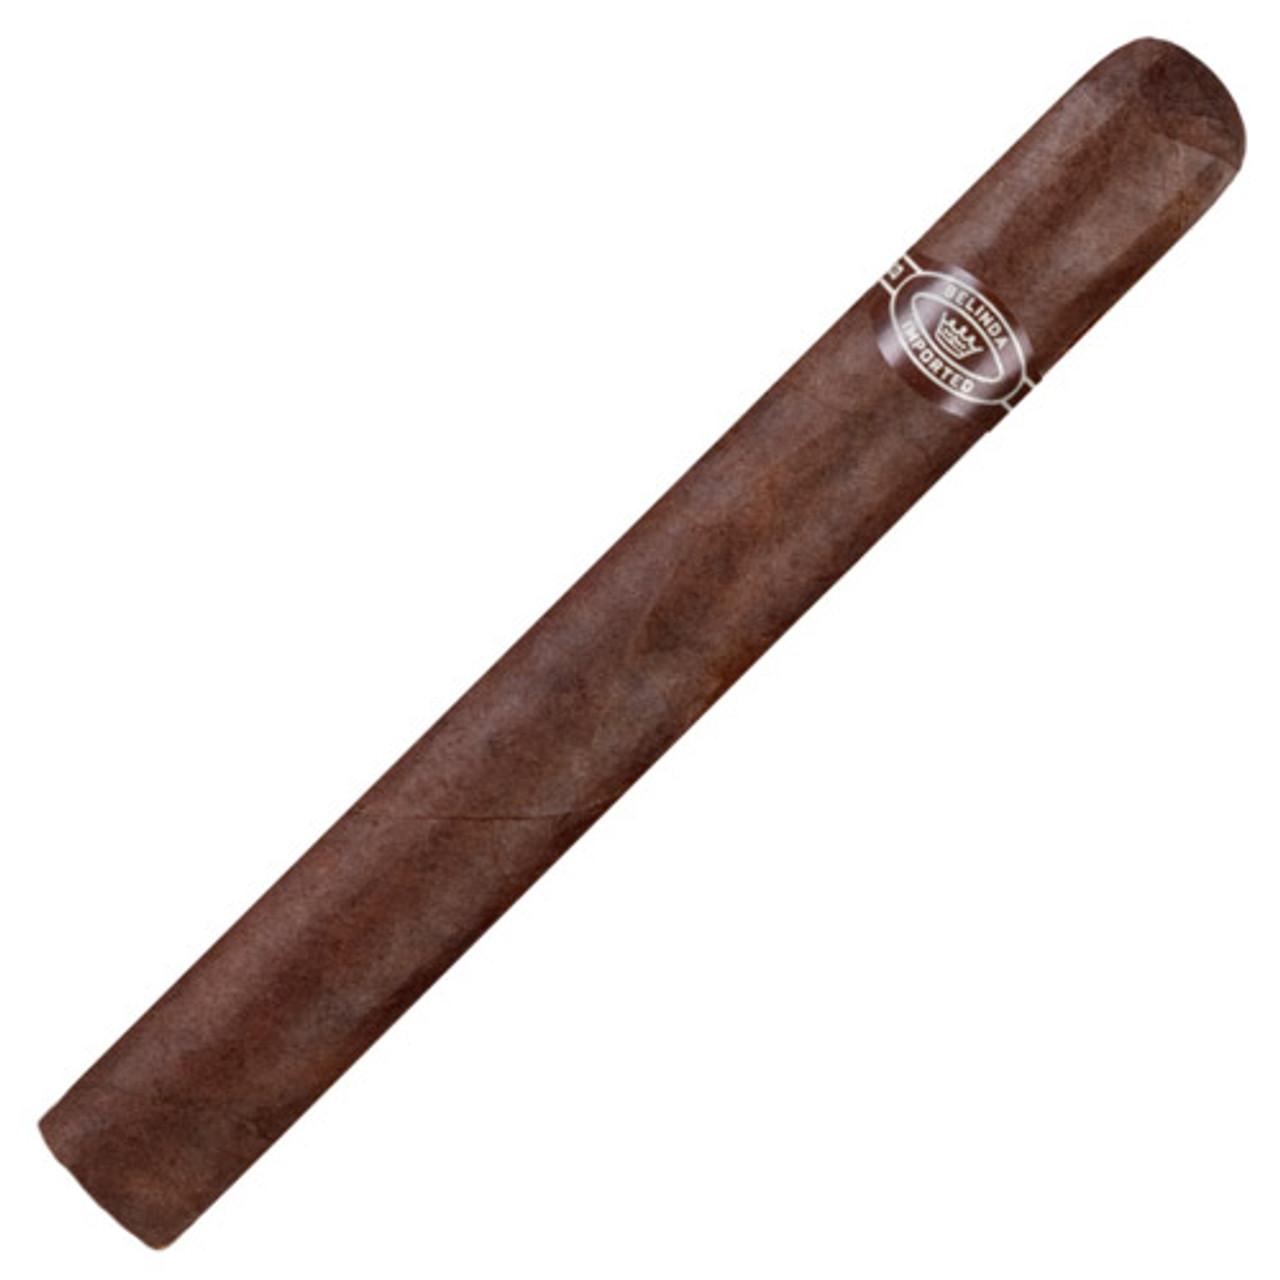 Belinda Black Exquisito - 6 x 50 Cigars (Box of 20)